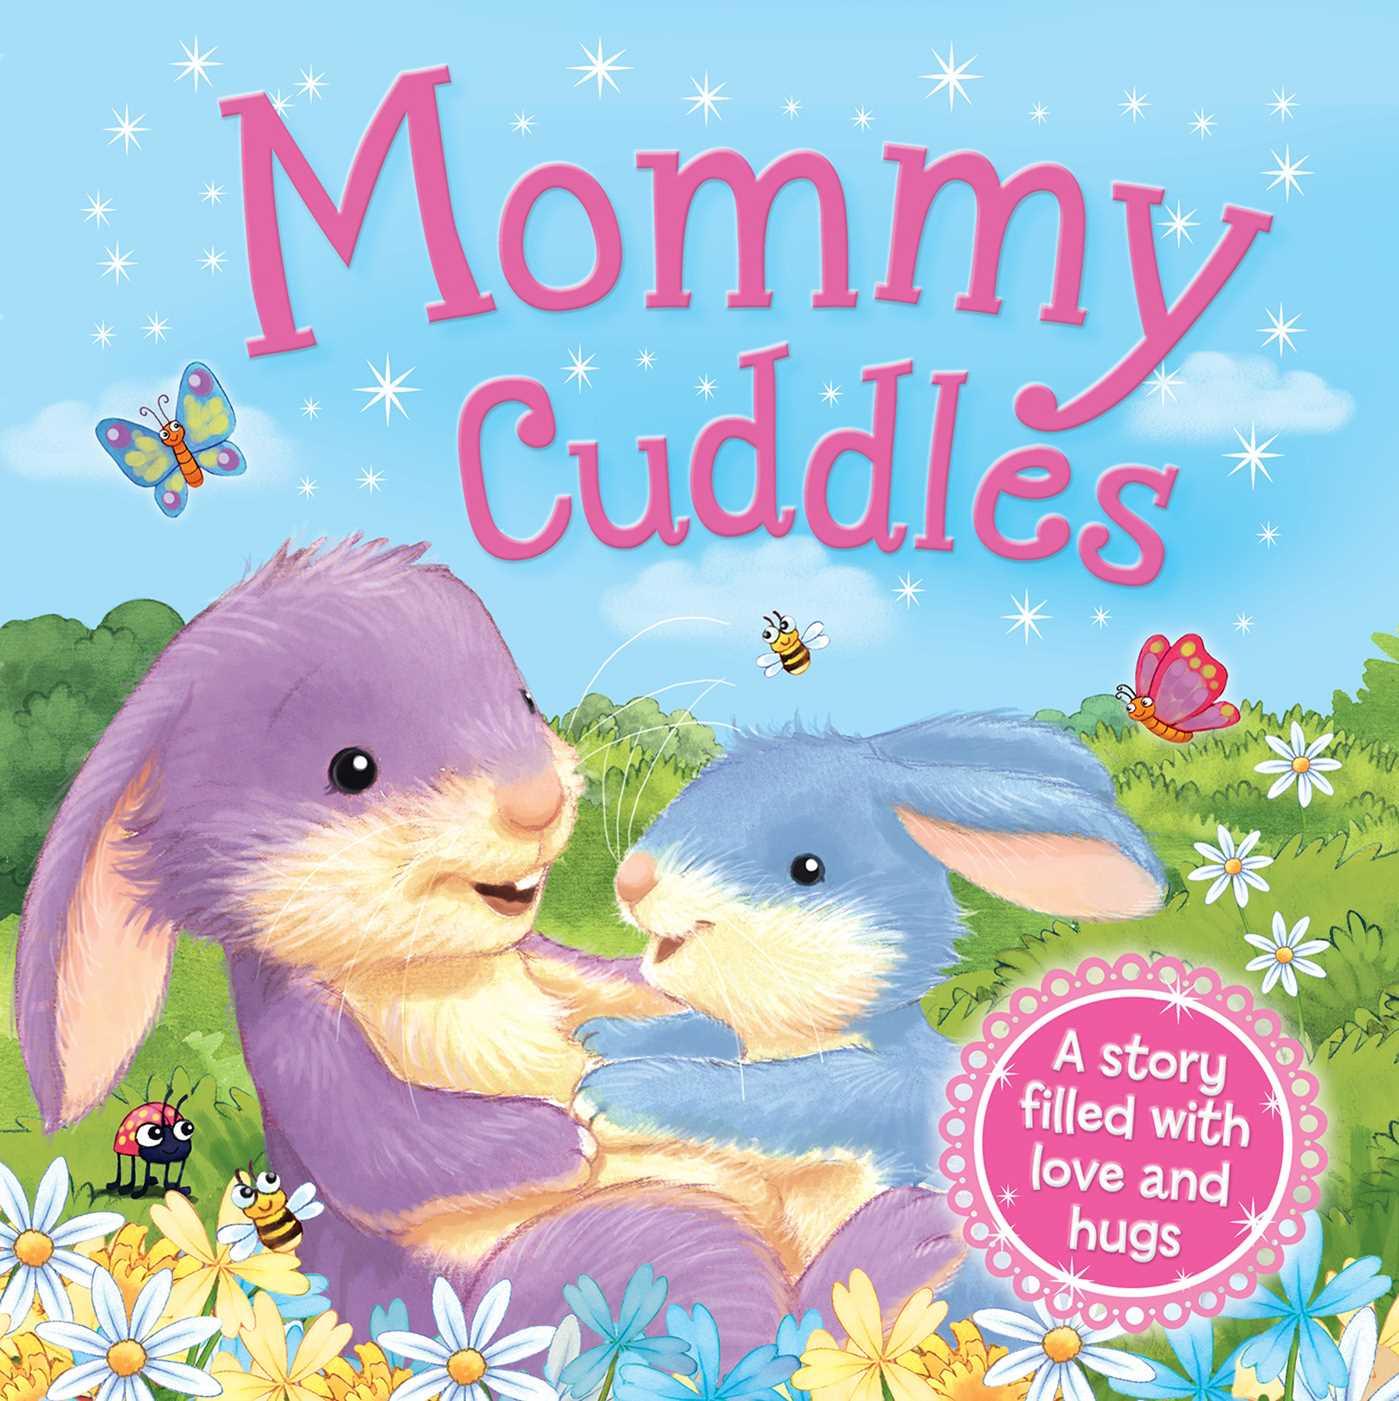 Mommy cuddles 9781499880489 hr